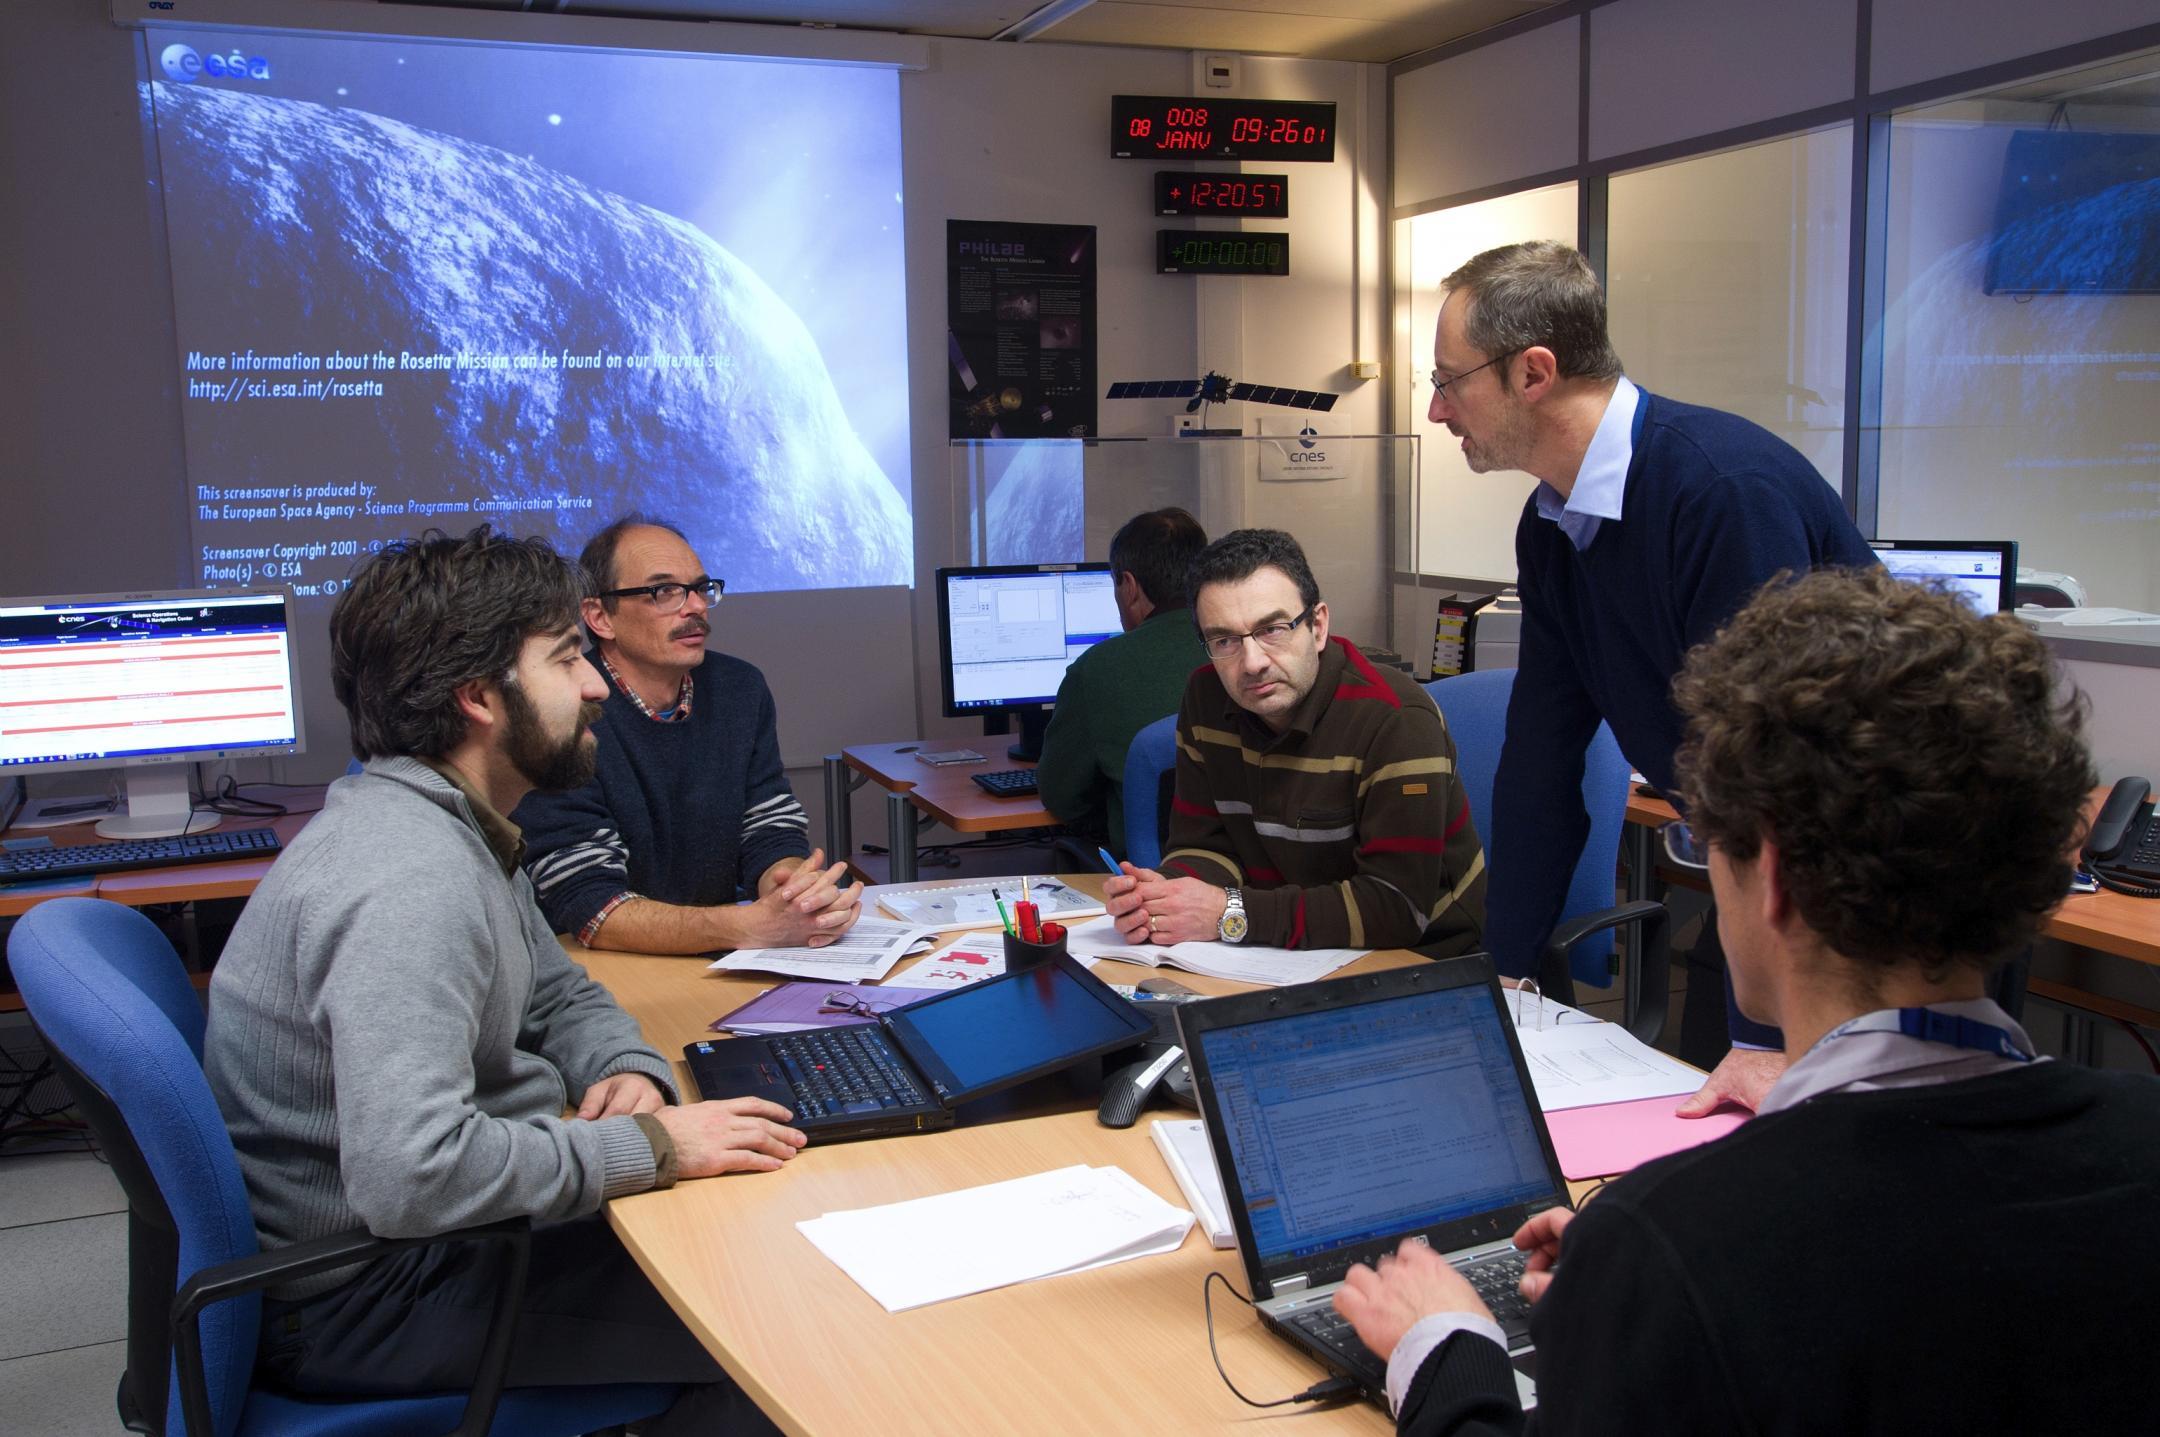 Le Sonc, le centre de mission scientifique de Philae, au Cnes, à Toulouse